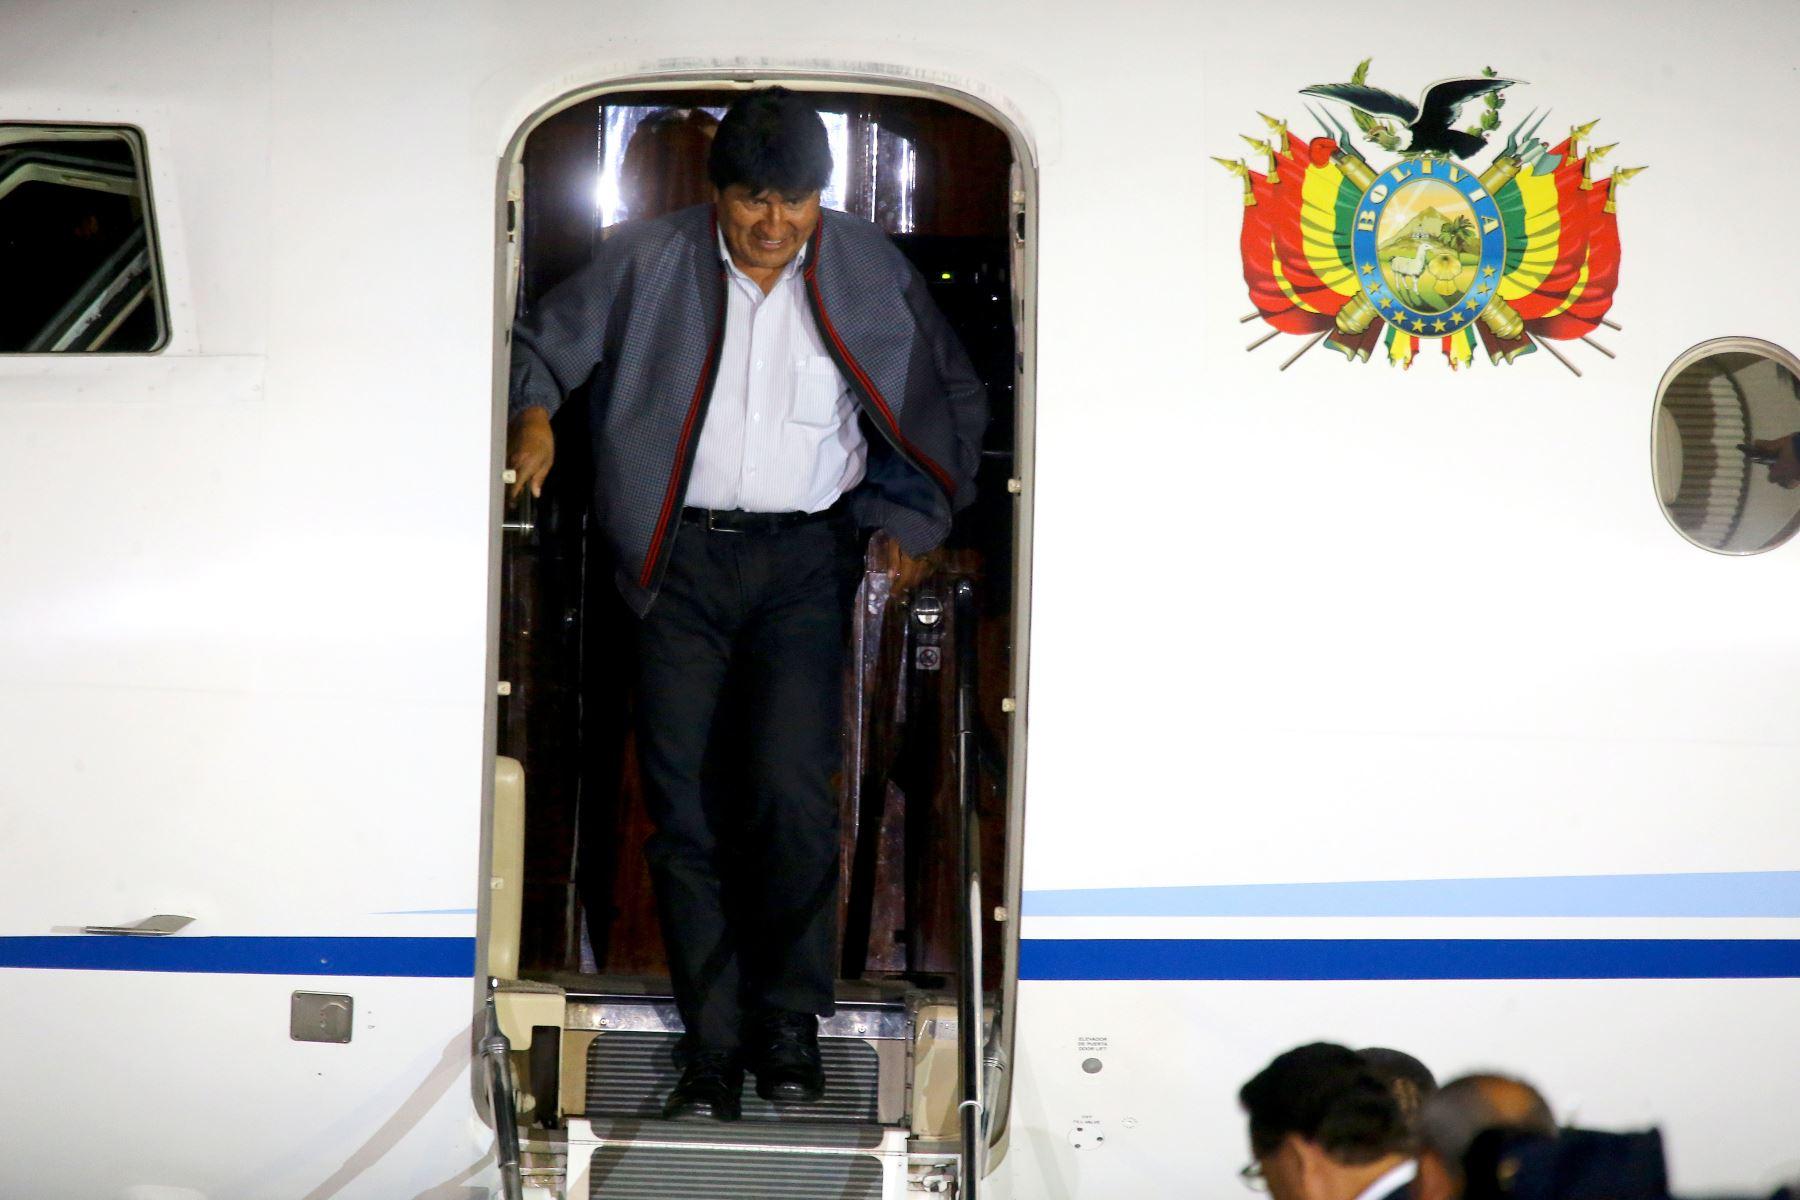 Presidente boliviano Evo Morales, llega a Lima para participar de la VIII Cumbre de las Américas. Foto: ANDINA/Luis Iparraguirre